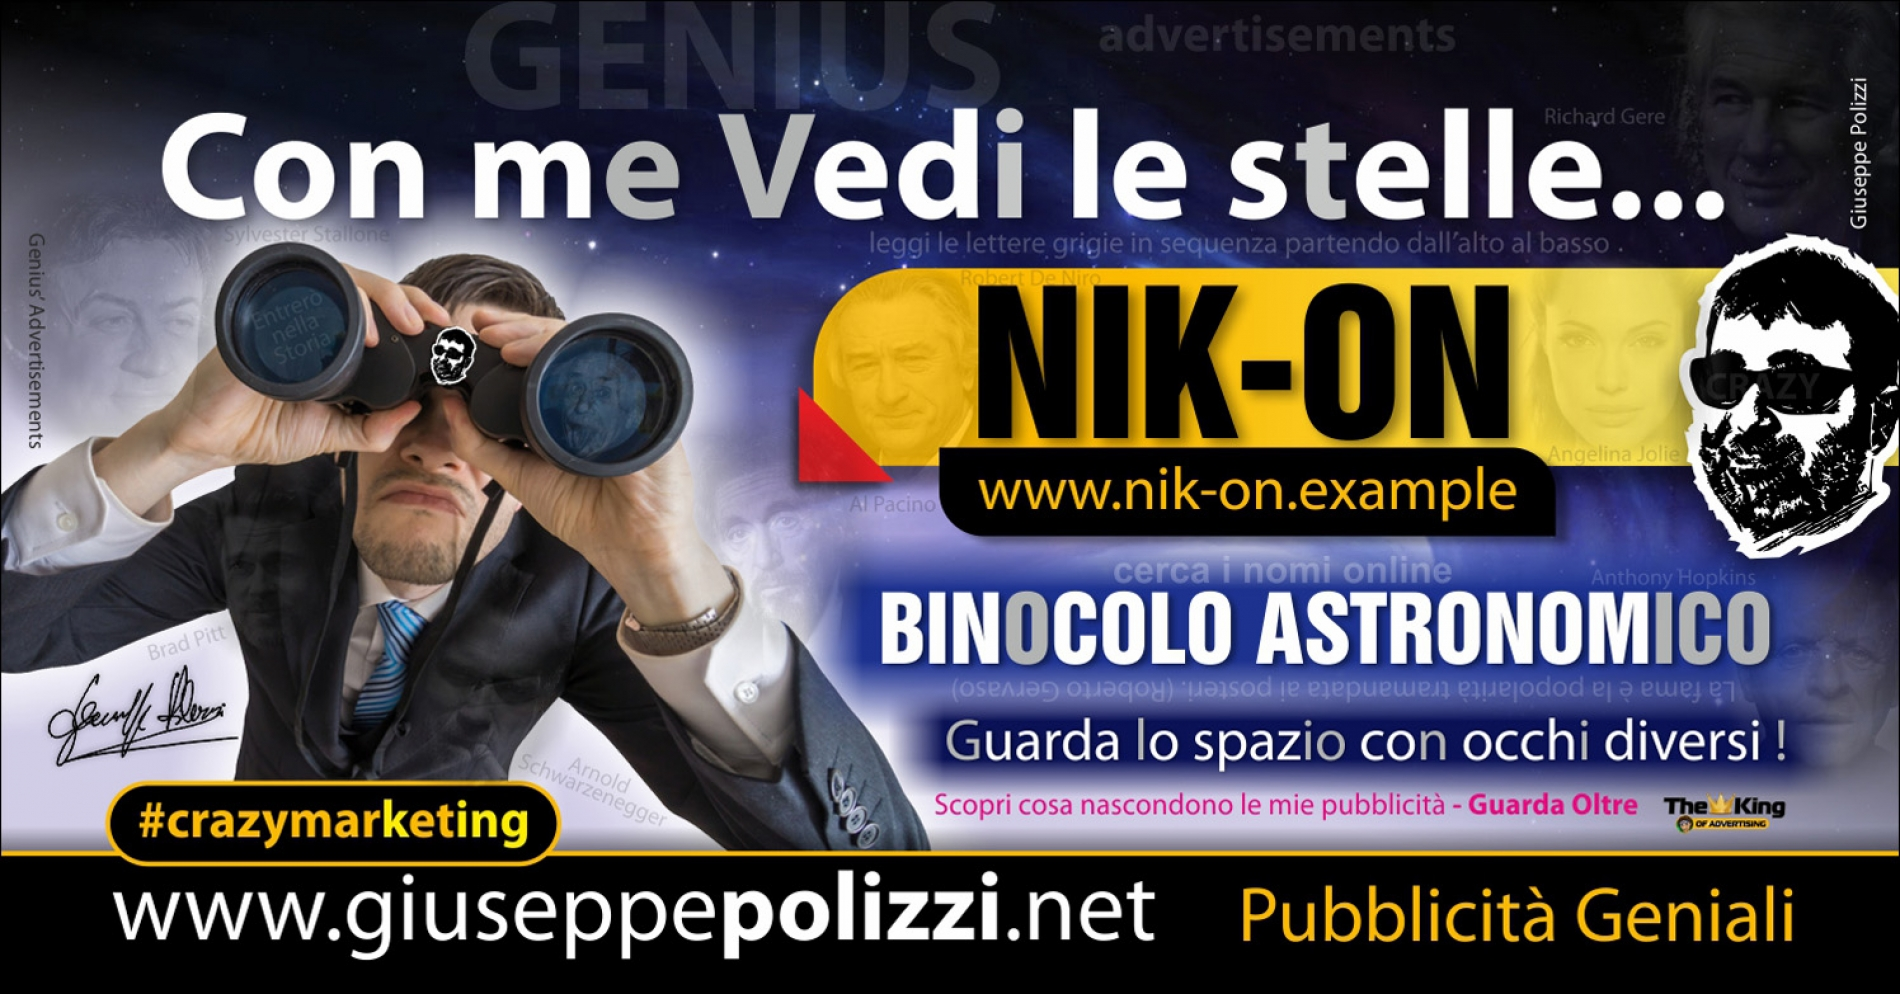 giuseppe Polizzi con me vedi le stelle crazymarketing pubblicita geniali